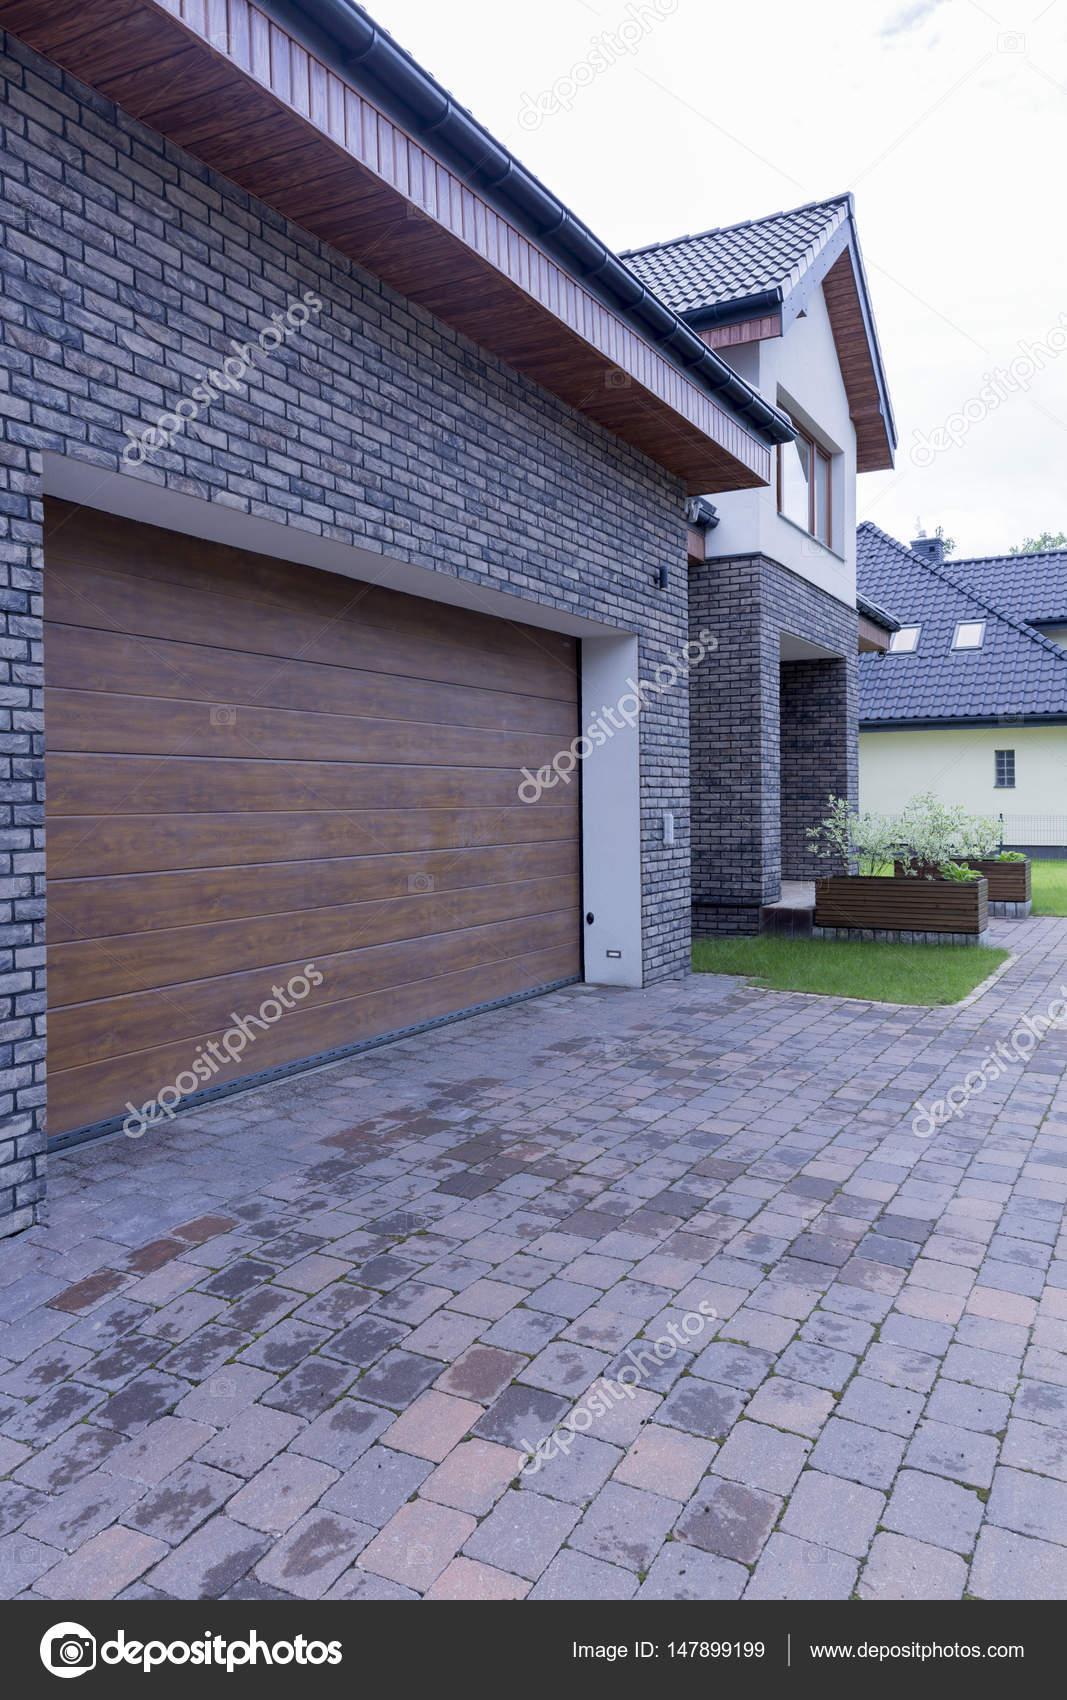 Einfamilienhaus Mit Automatischen Garagentor — Stockfoto